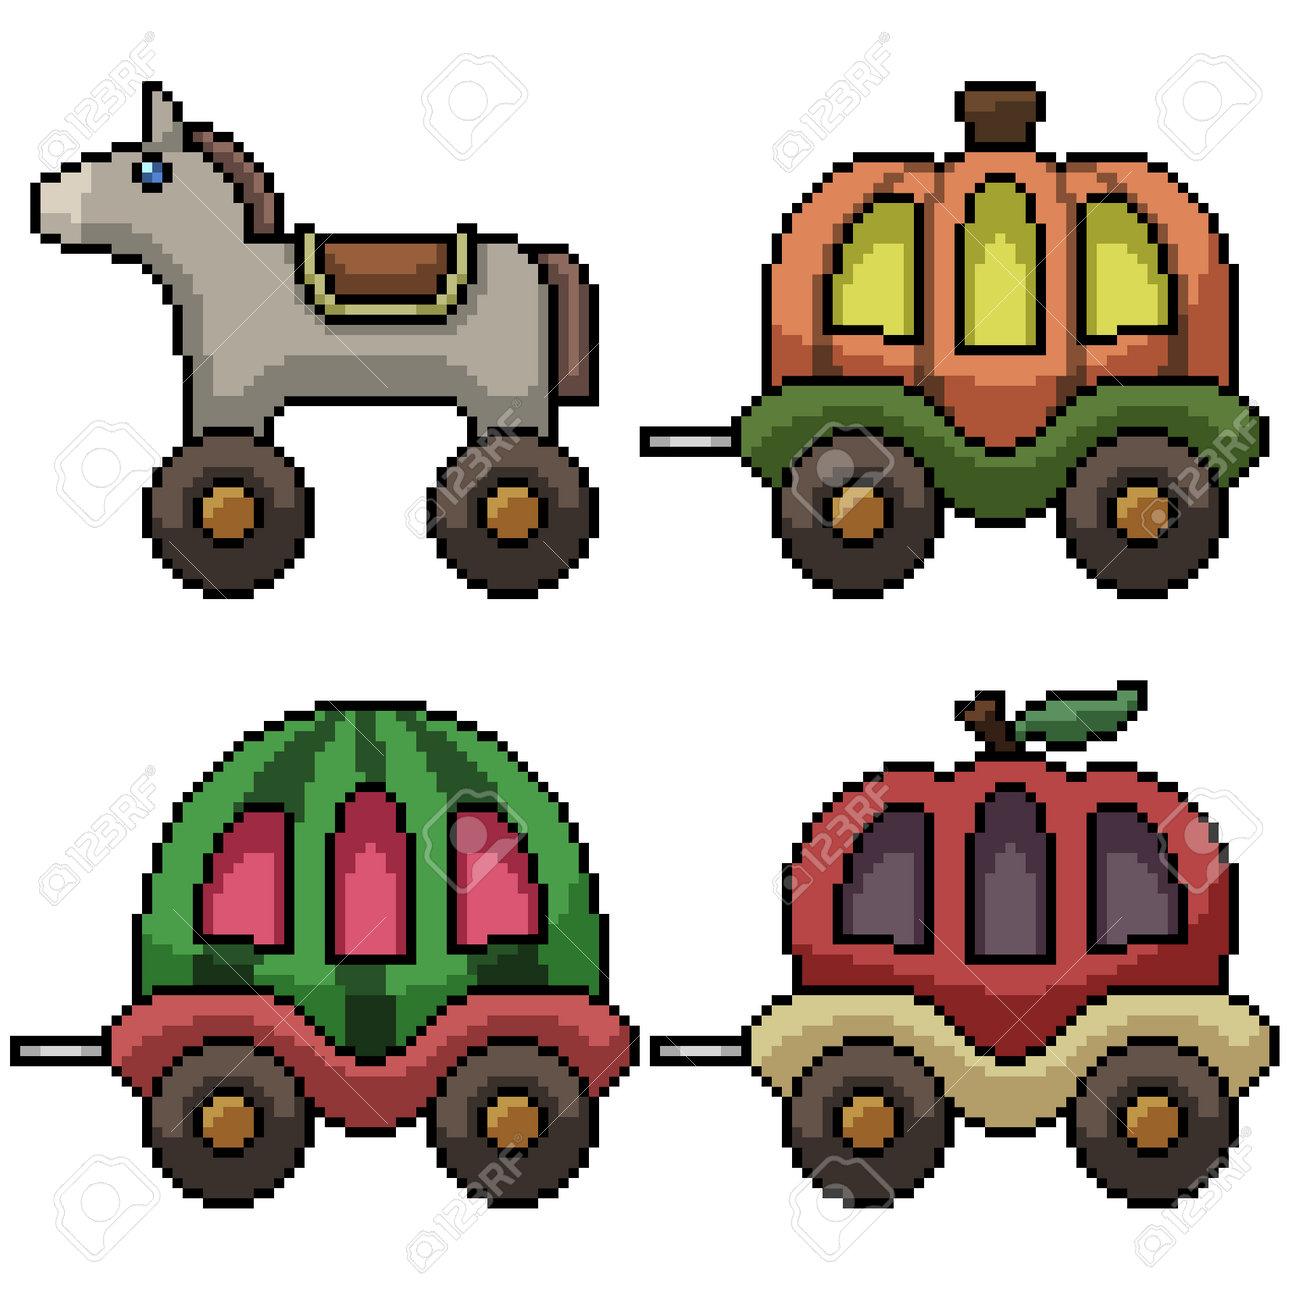 pixel art of fancy carriage toy - 169836192